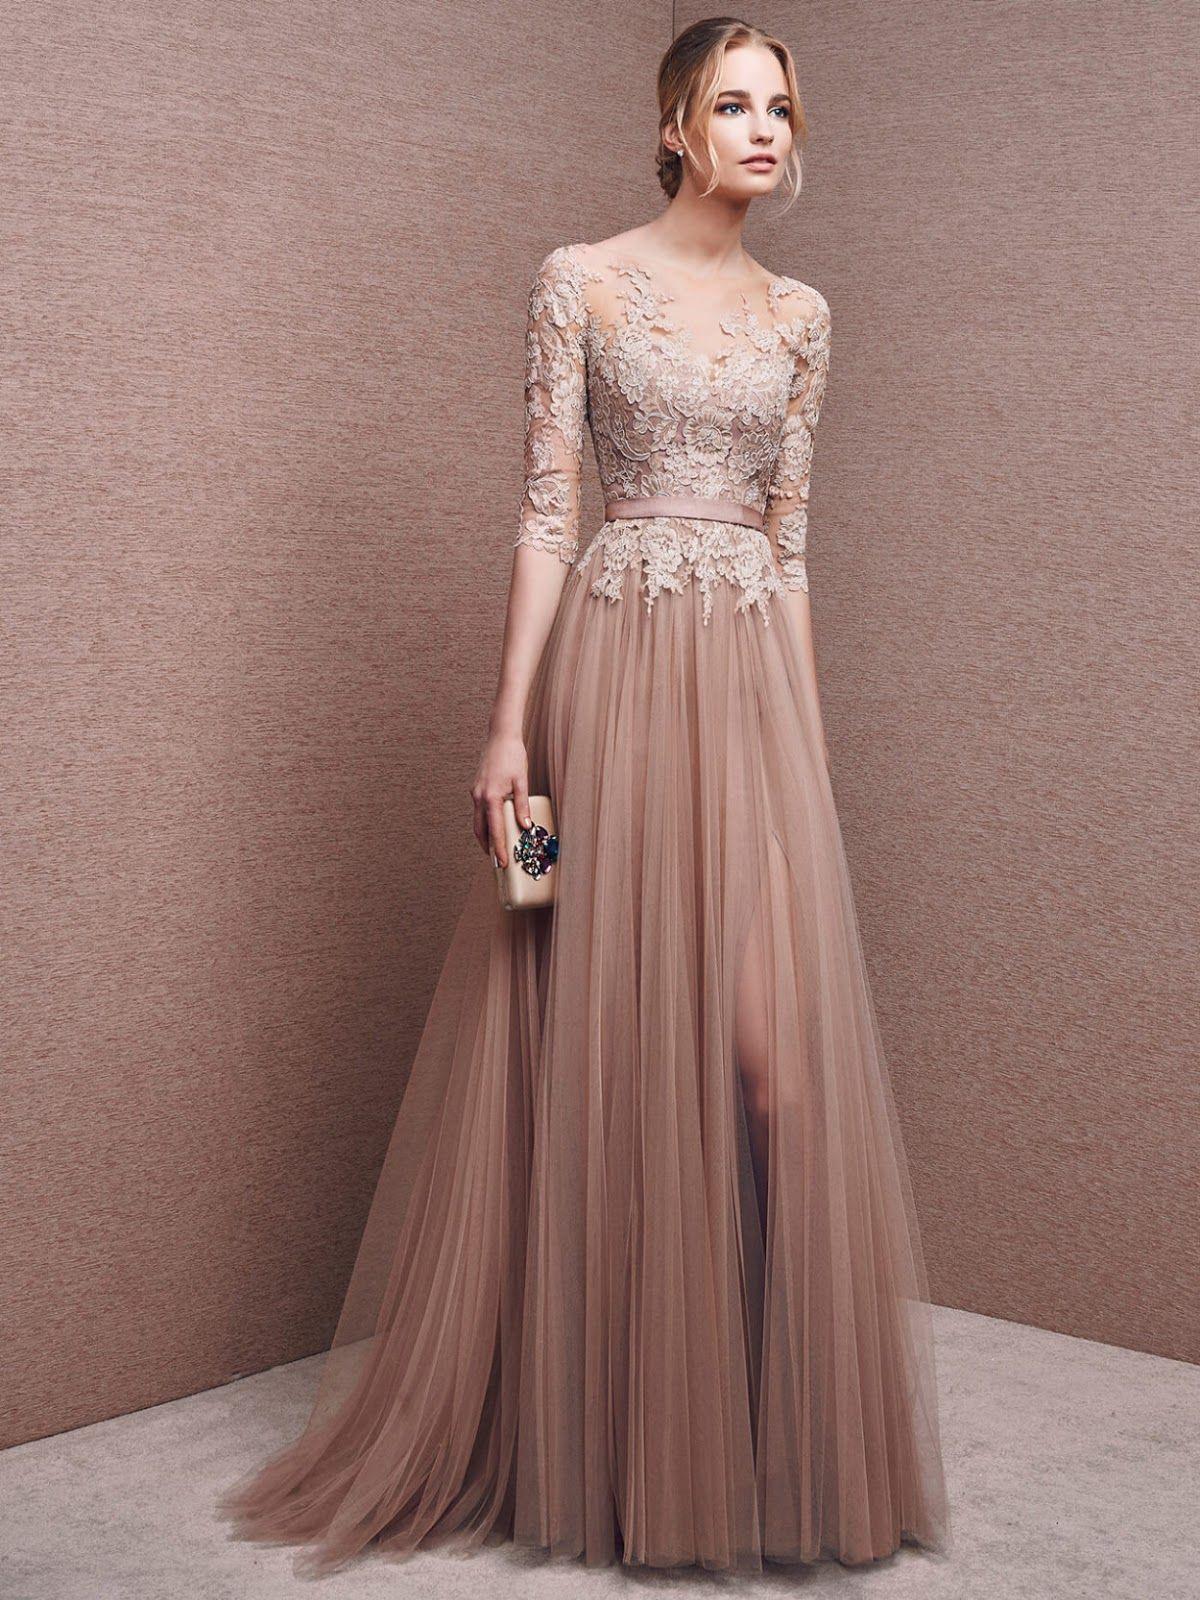 9c13a1f4b Vestidos de noche largos elegantes